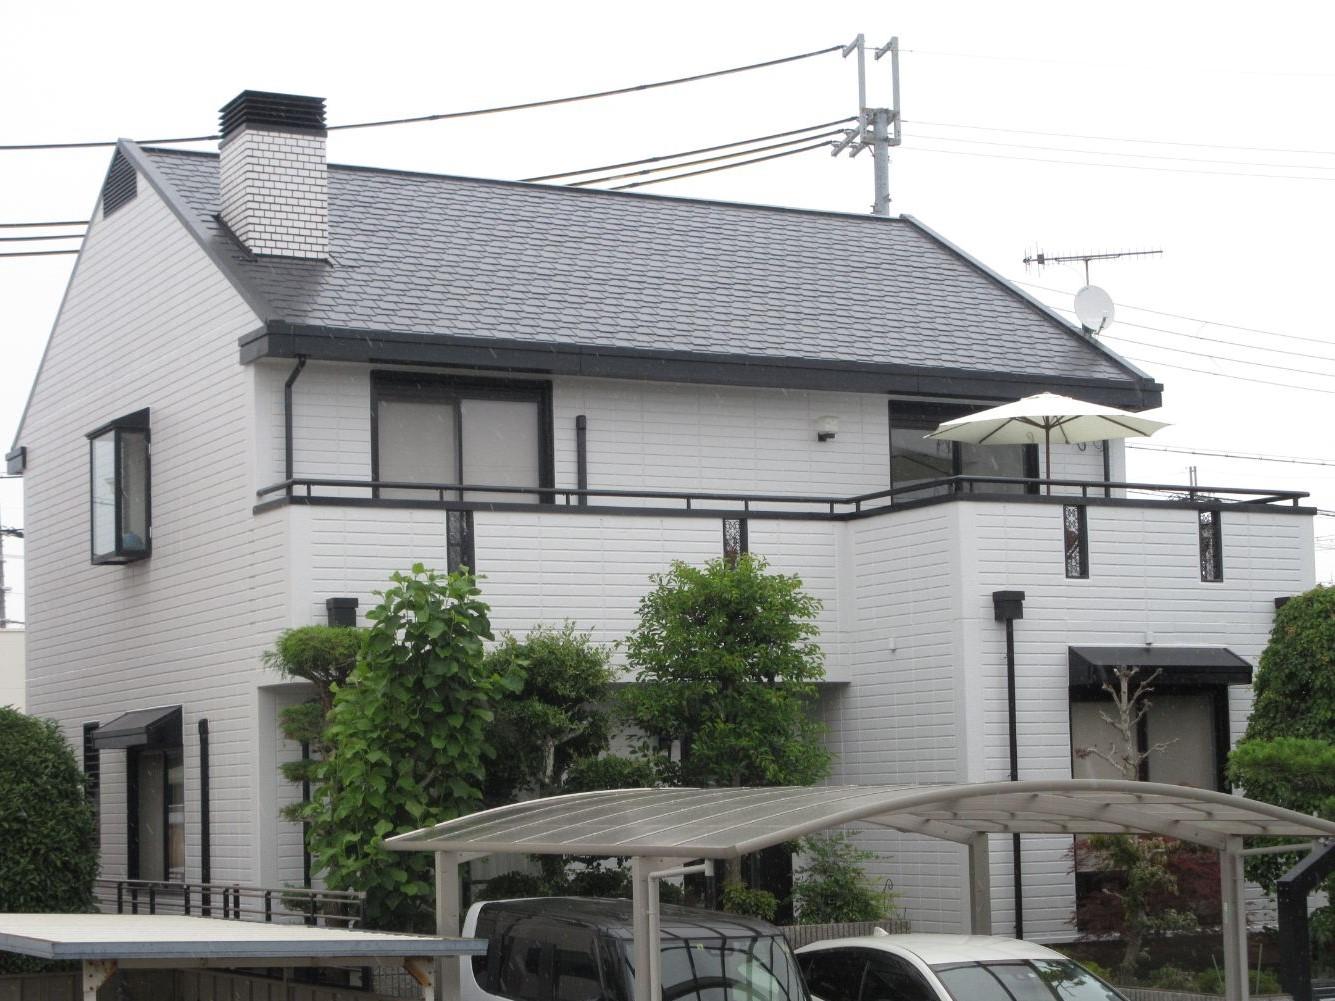 【岩出市】 I様邸 外壁・屋根塗装工事<br>『ライトグレーが上品でシックな仕上がりに♫』2